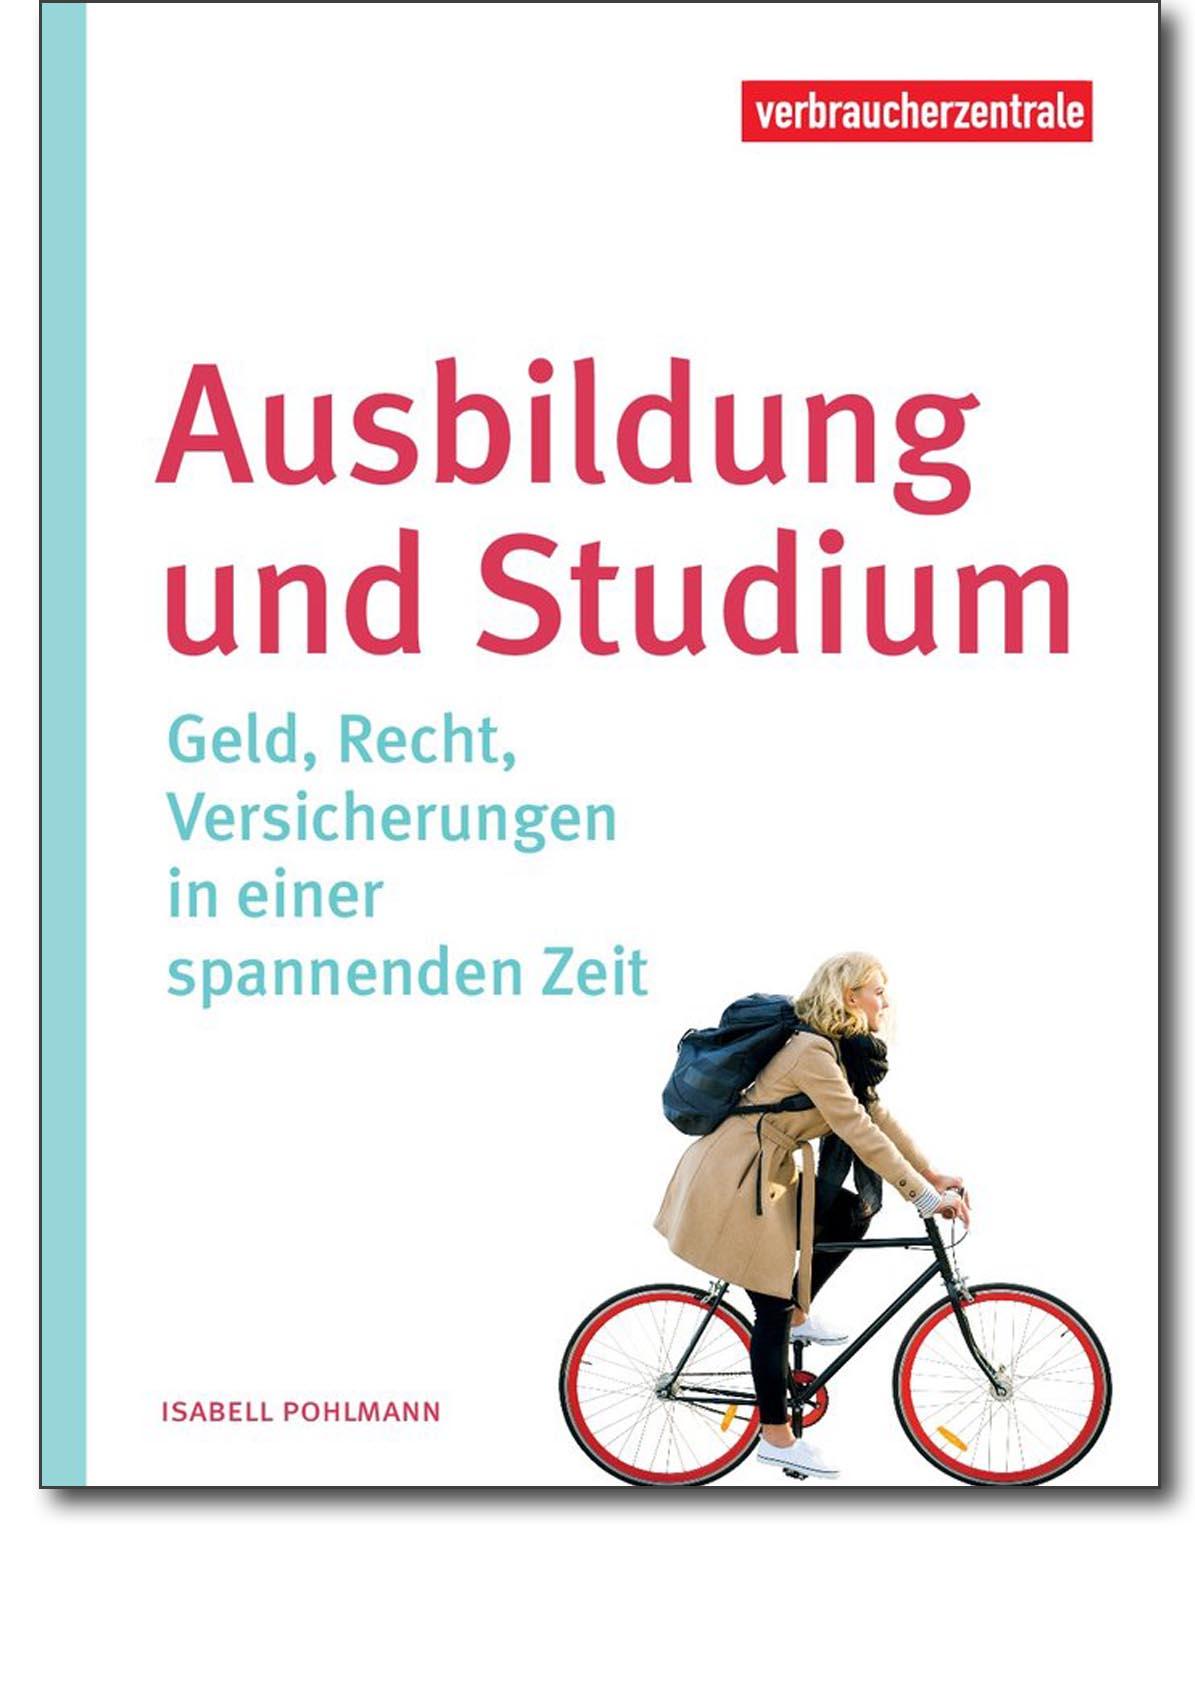 Buch - Ausbildung und Studium - Verbraucherzentrale